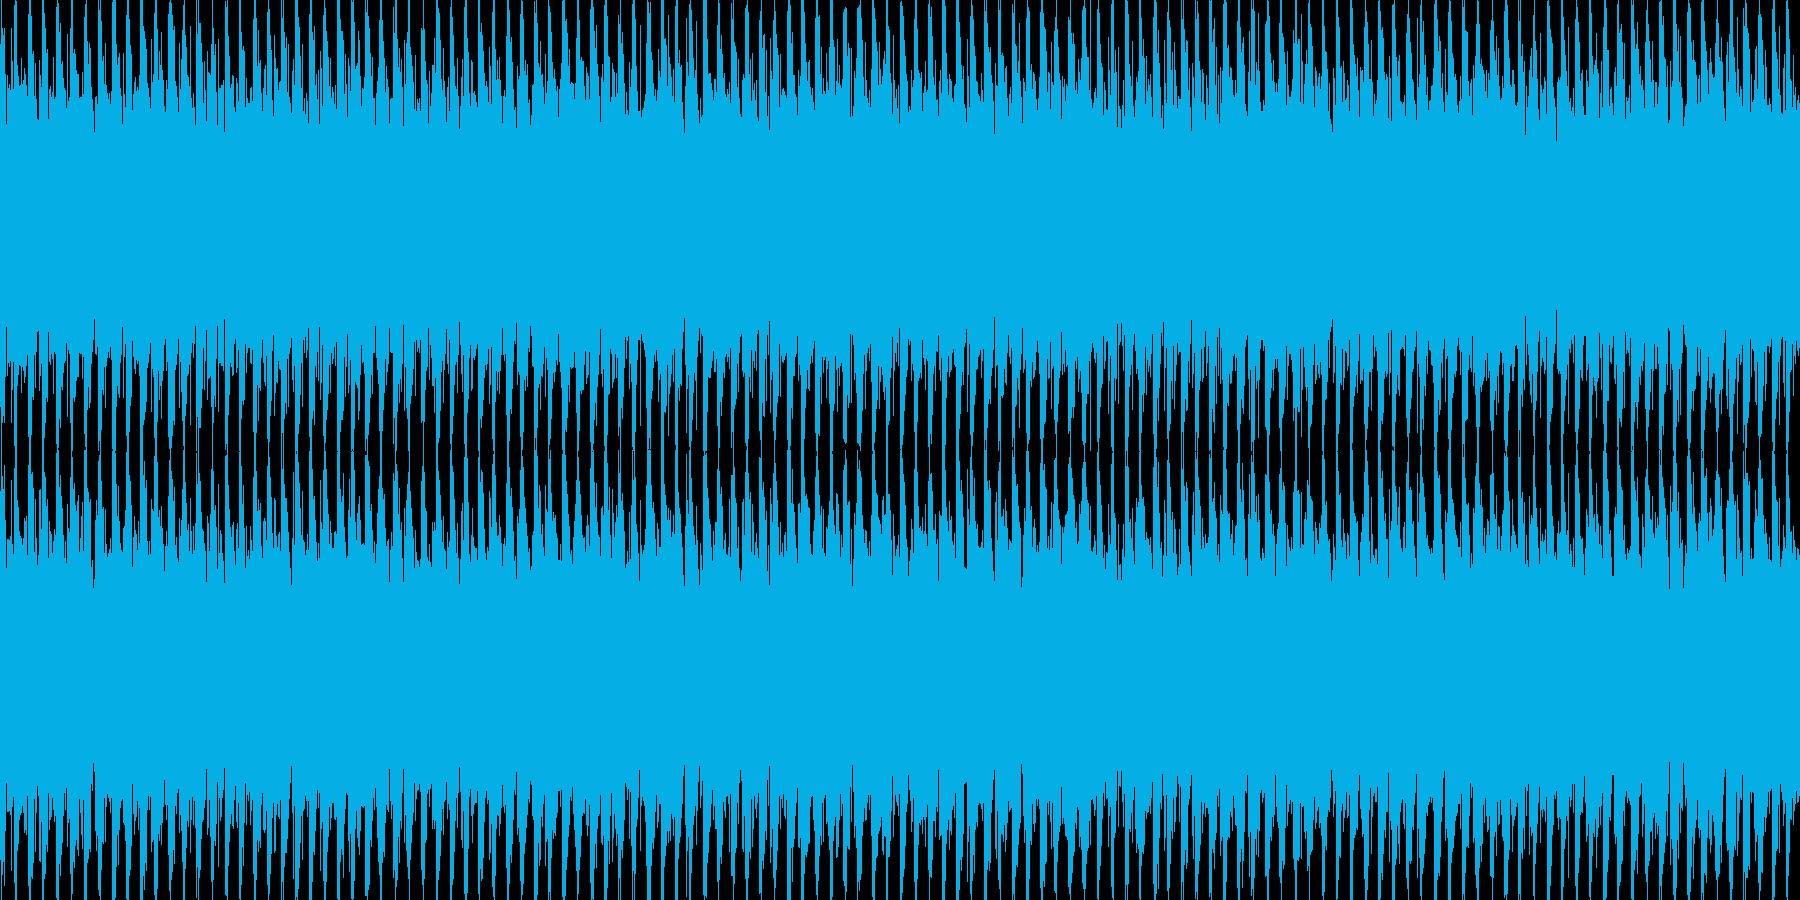 ニュースや映像、ループ可能なテクノ2の再生済みの波形